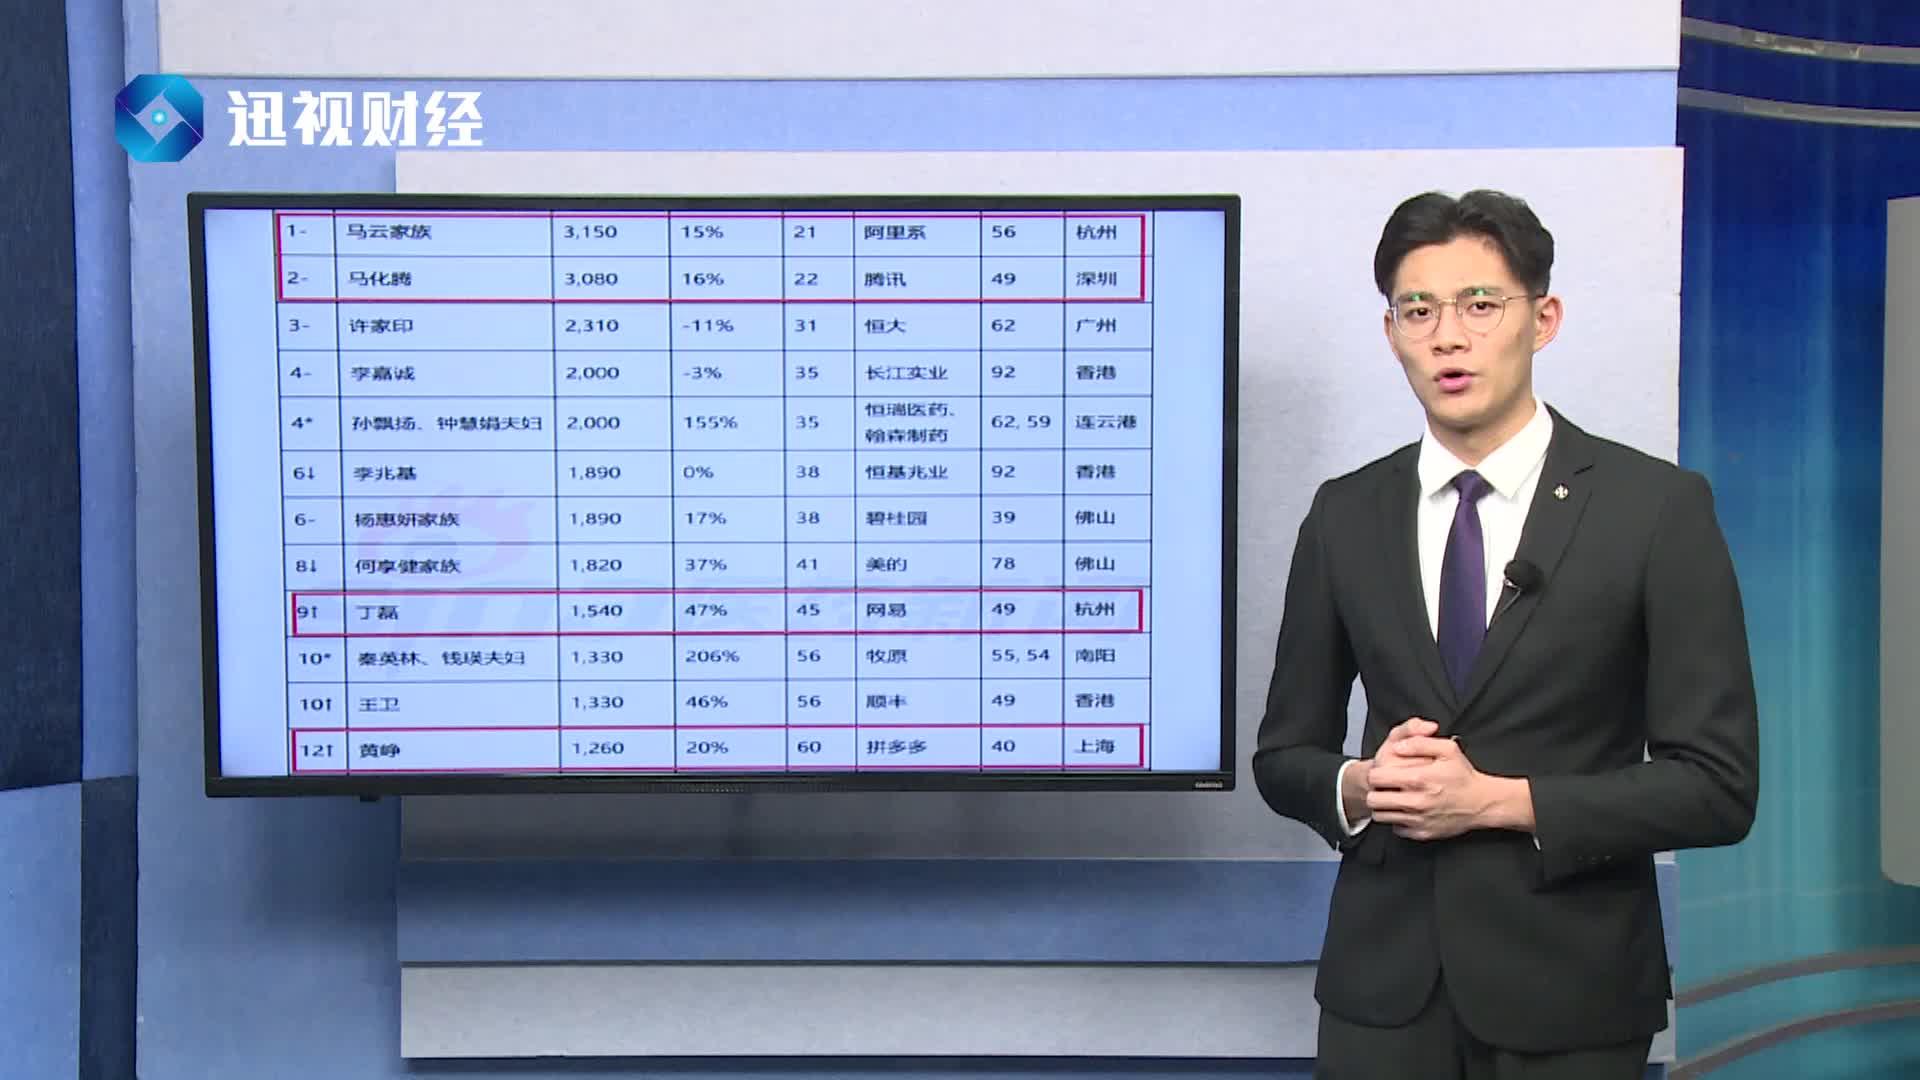 最新富豪榜出炉,刘强东与马云、马化腾的差距究竟有多大?